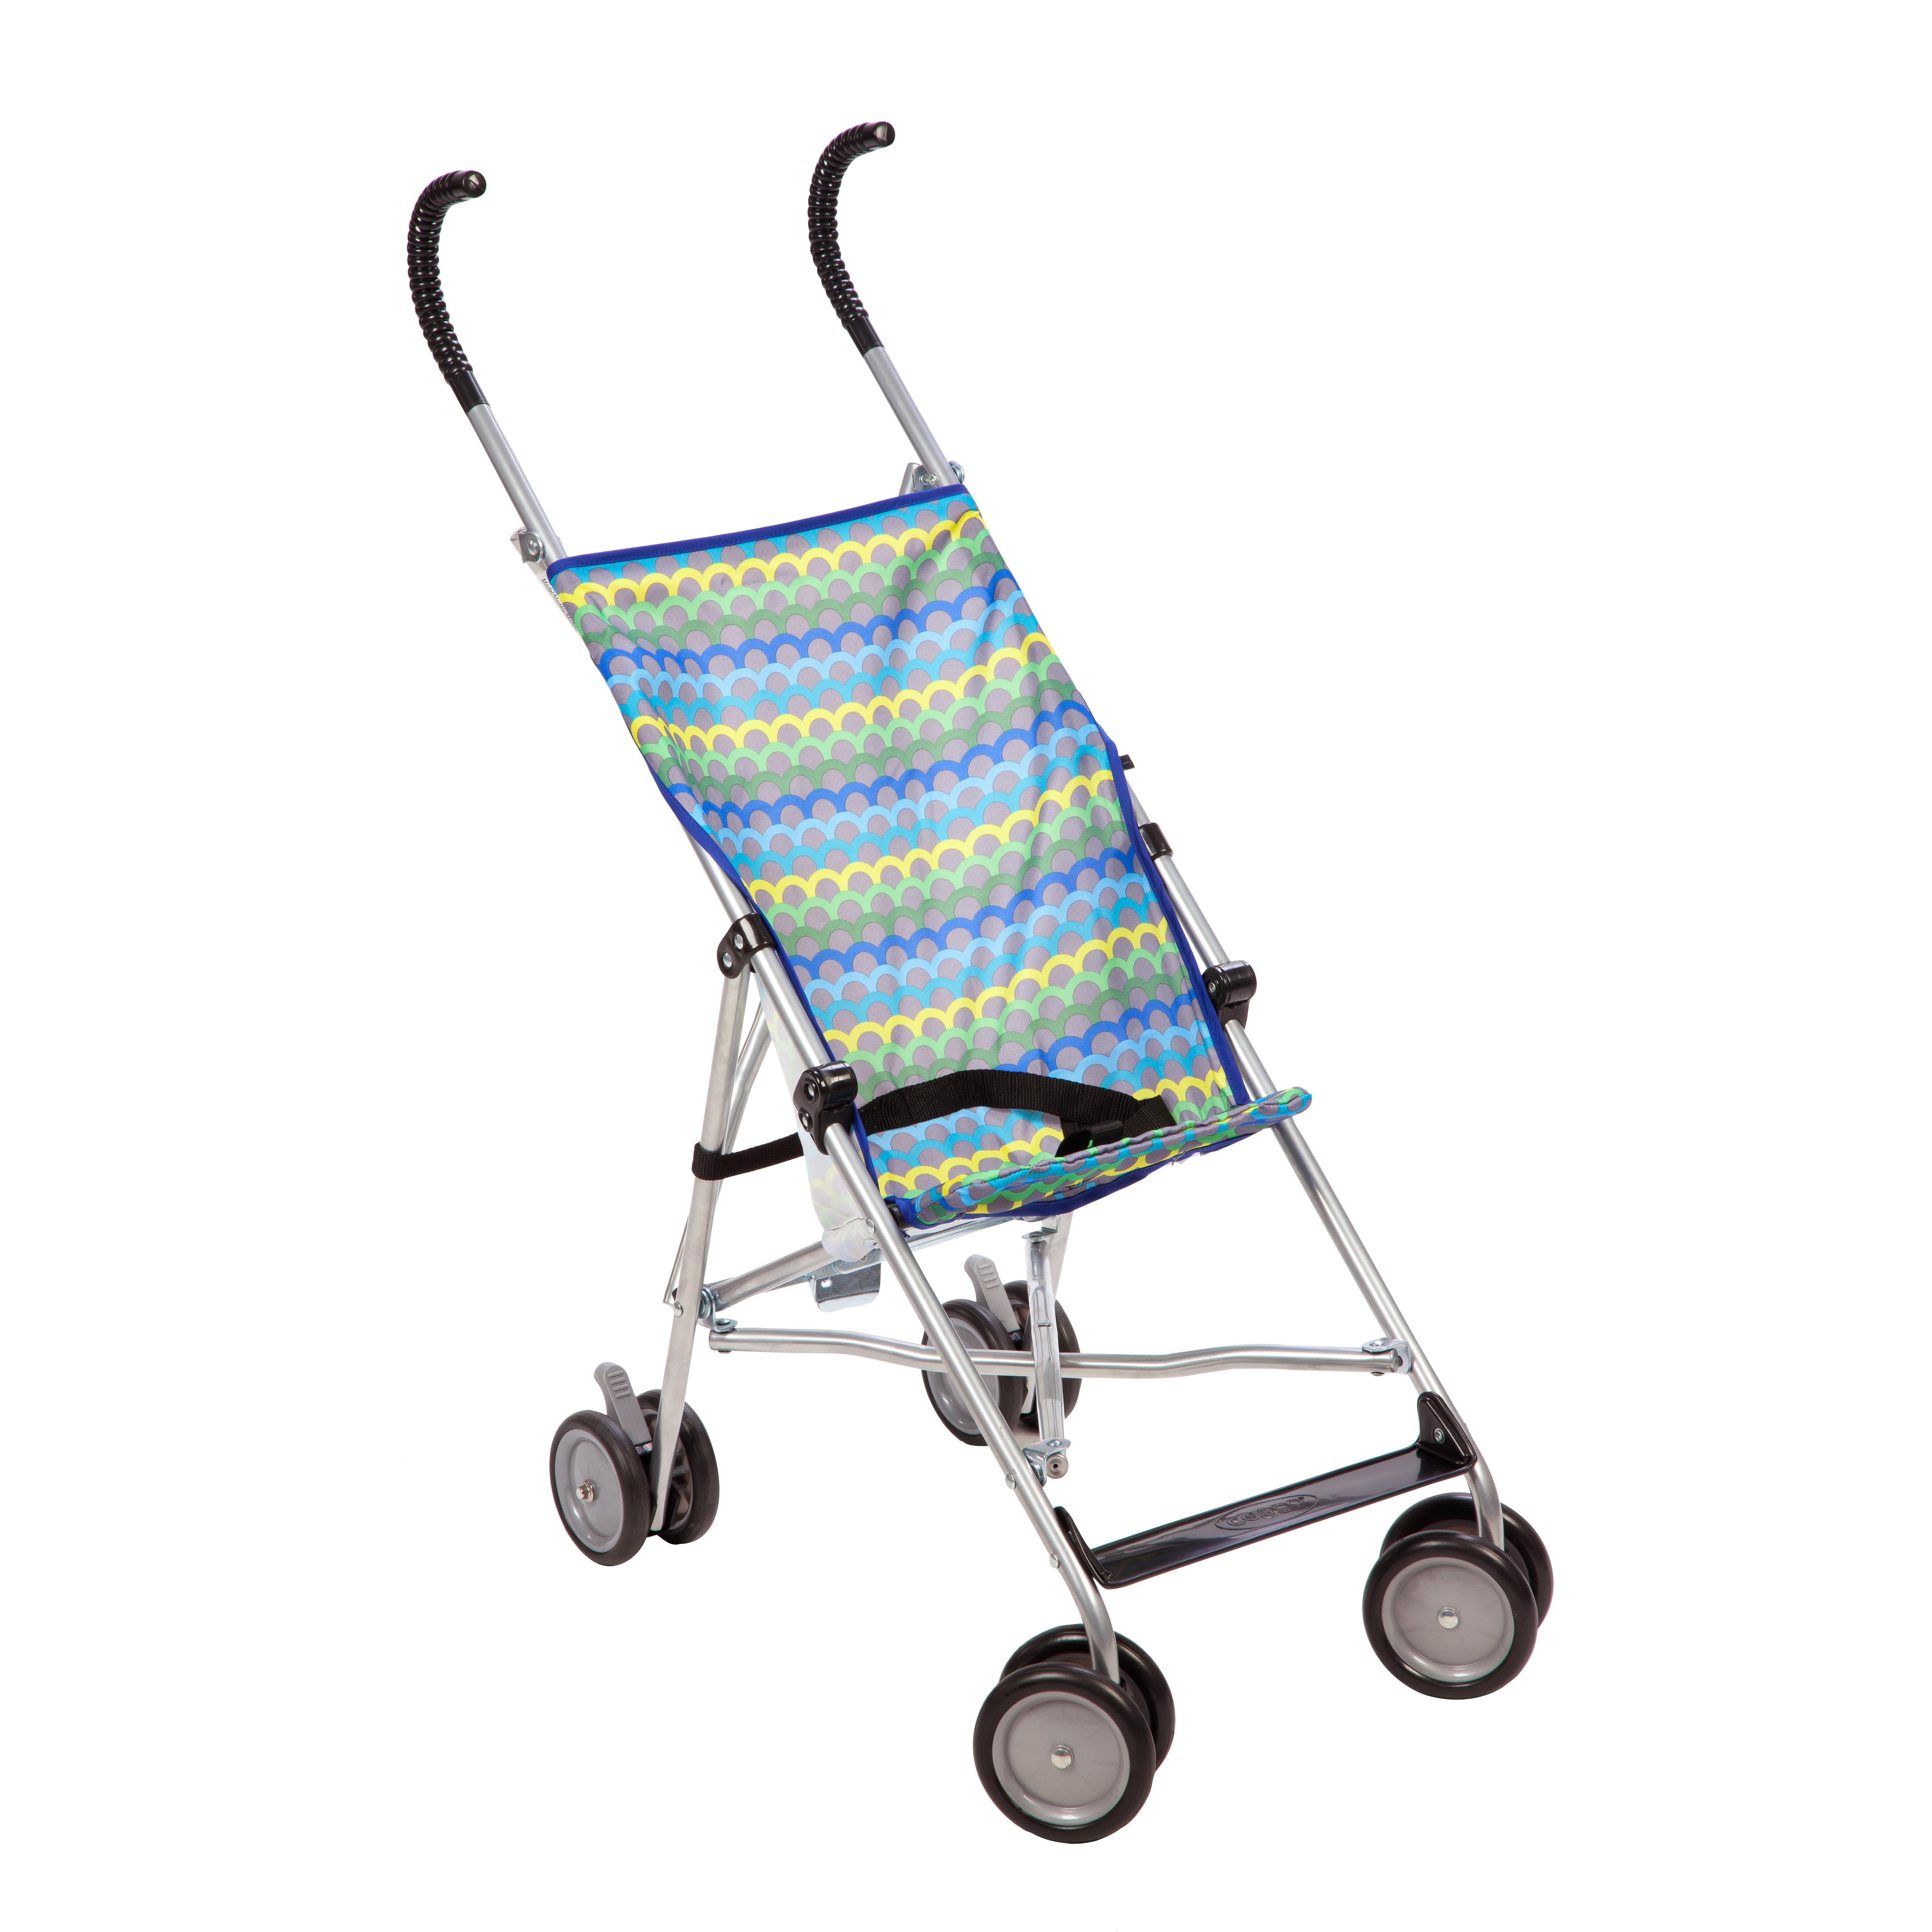 Coche Para Bebe Cosco® cochecito de paraguas sin horizonte de Canopy-Color: amarillo / azul patrón + Cosco en Veo y Compro